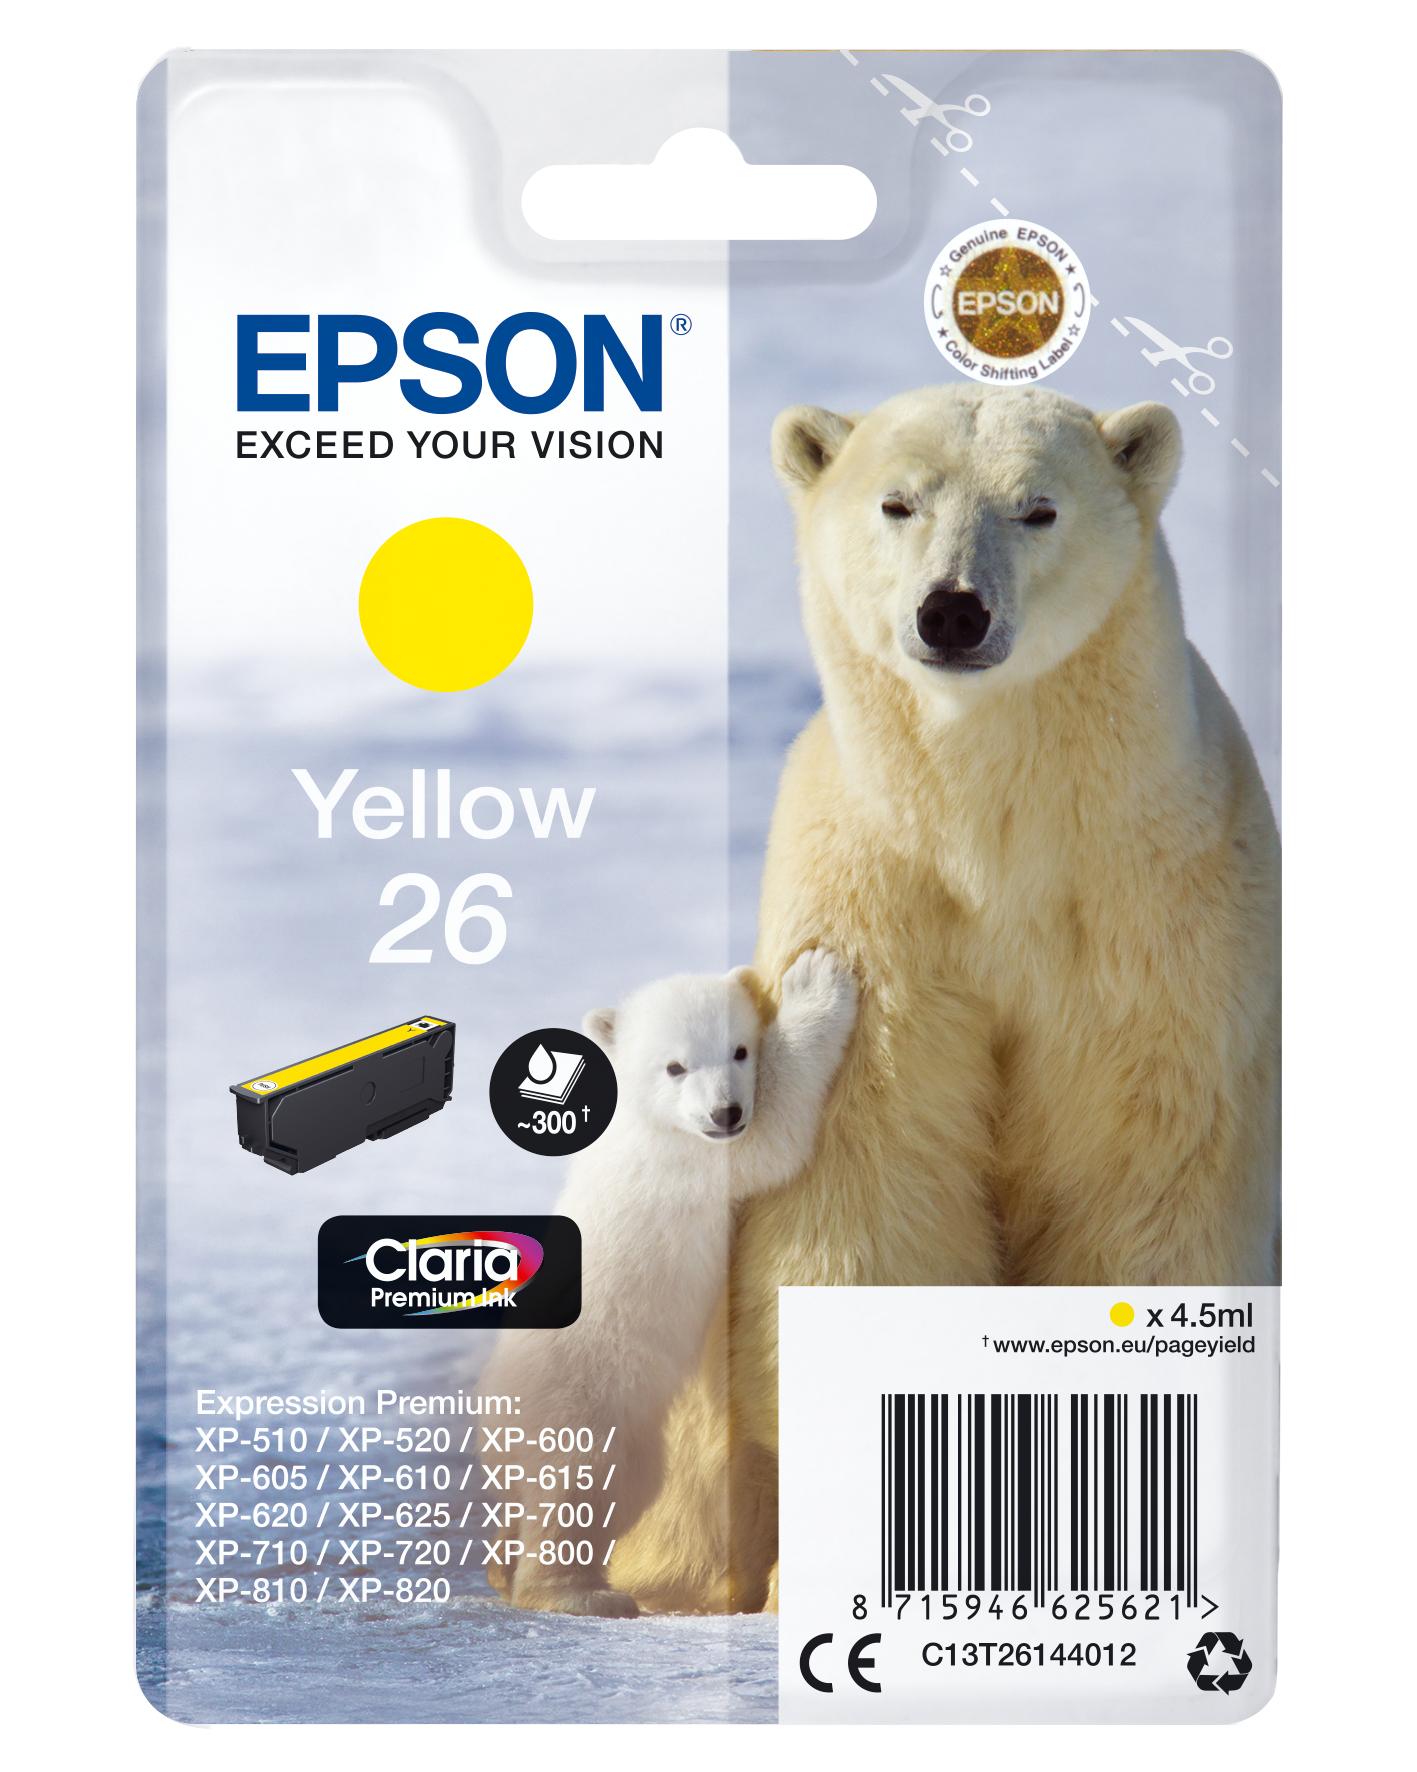 Epson Polar bear C13T26144012 Tintenpatrone Original Gelb 1 Stück(e)